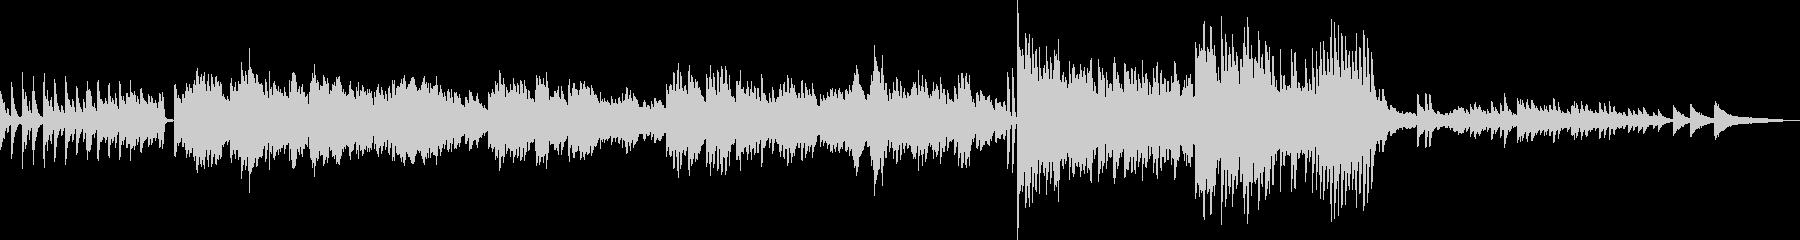 季節巡る、かわいいピアノワルツの未再生の波形